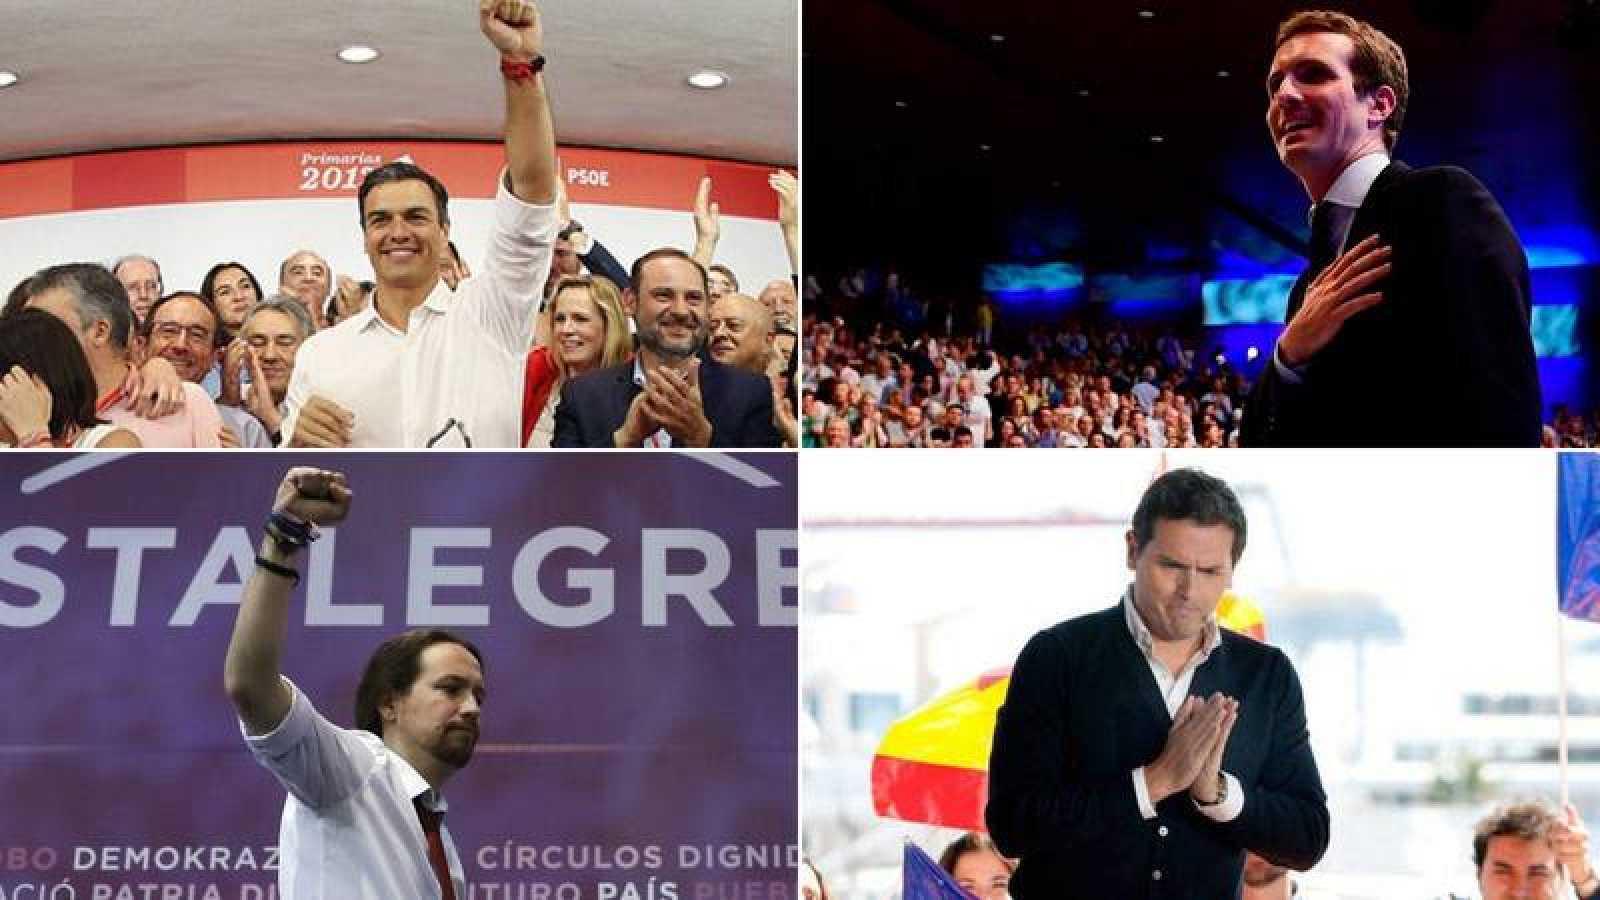 Pedro Sáncehz, Pablo Casado, Pablo Iglesias y Albert Rivera, candidatos de PSOE, PP, Podemos y Ciudadanos a la Presidencia del Gobierno.